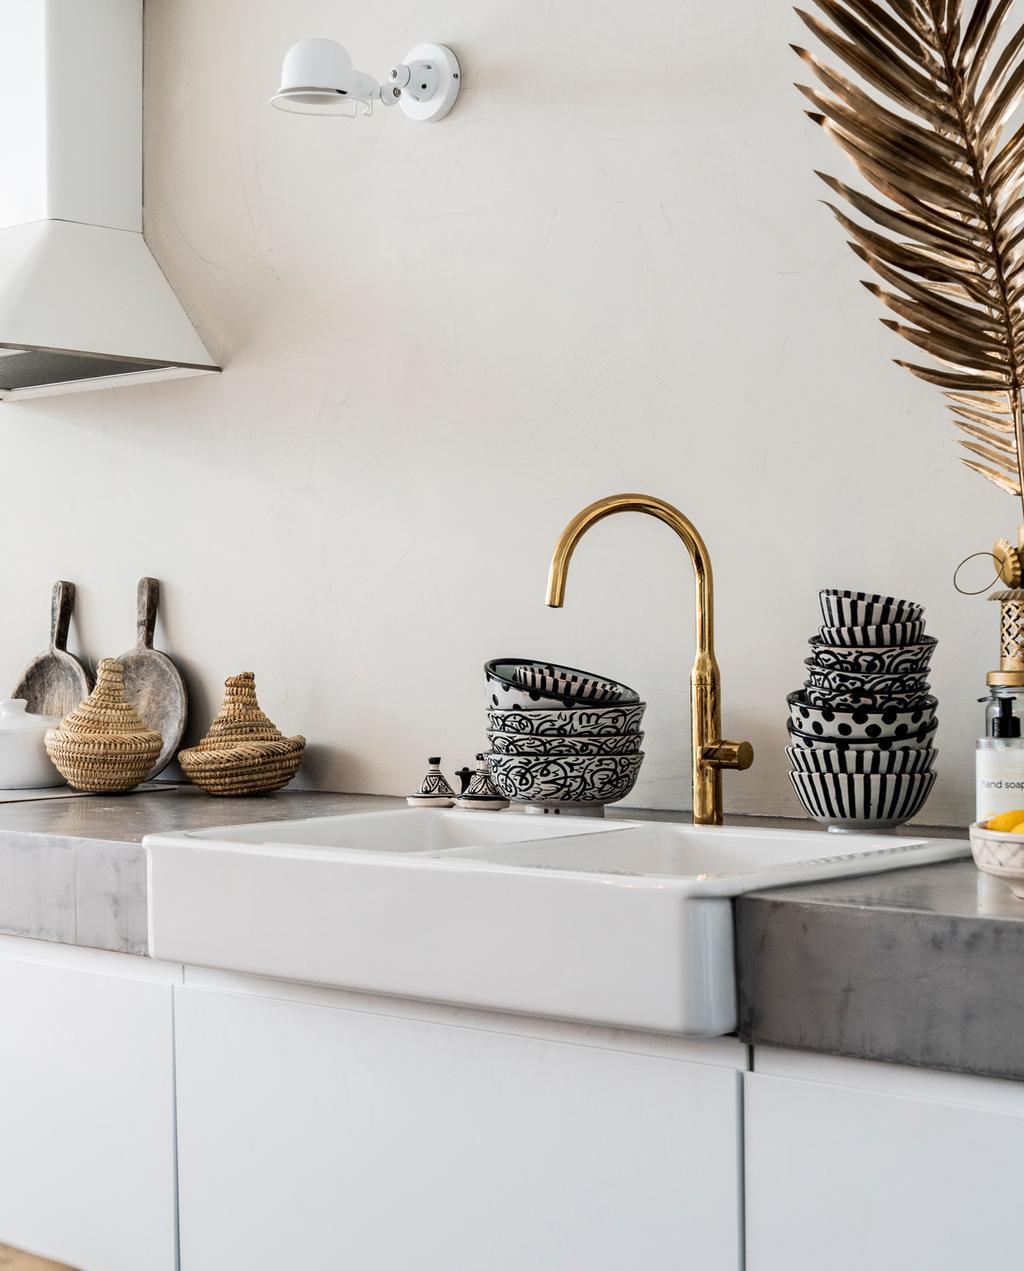 vtwonen binnenkijken special 2019 | binnenkijken in een tussenwoning in Haarlem keuken